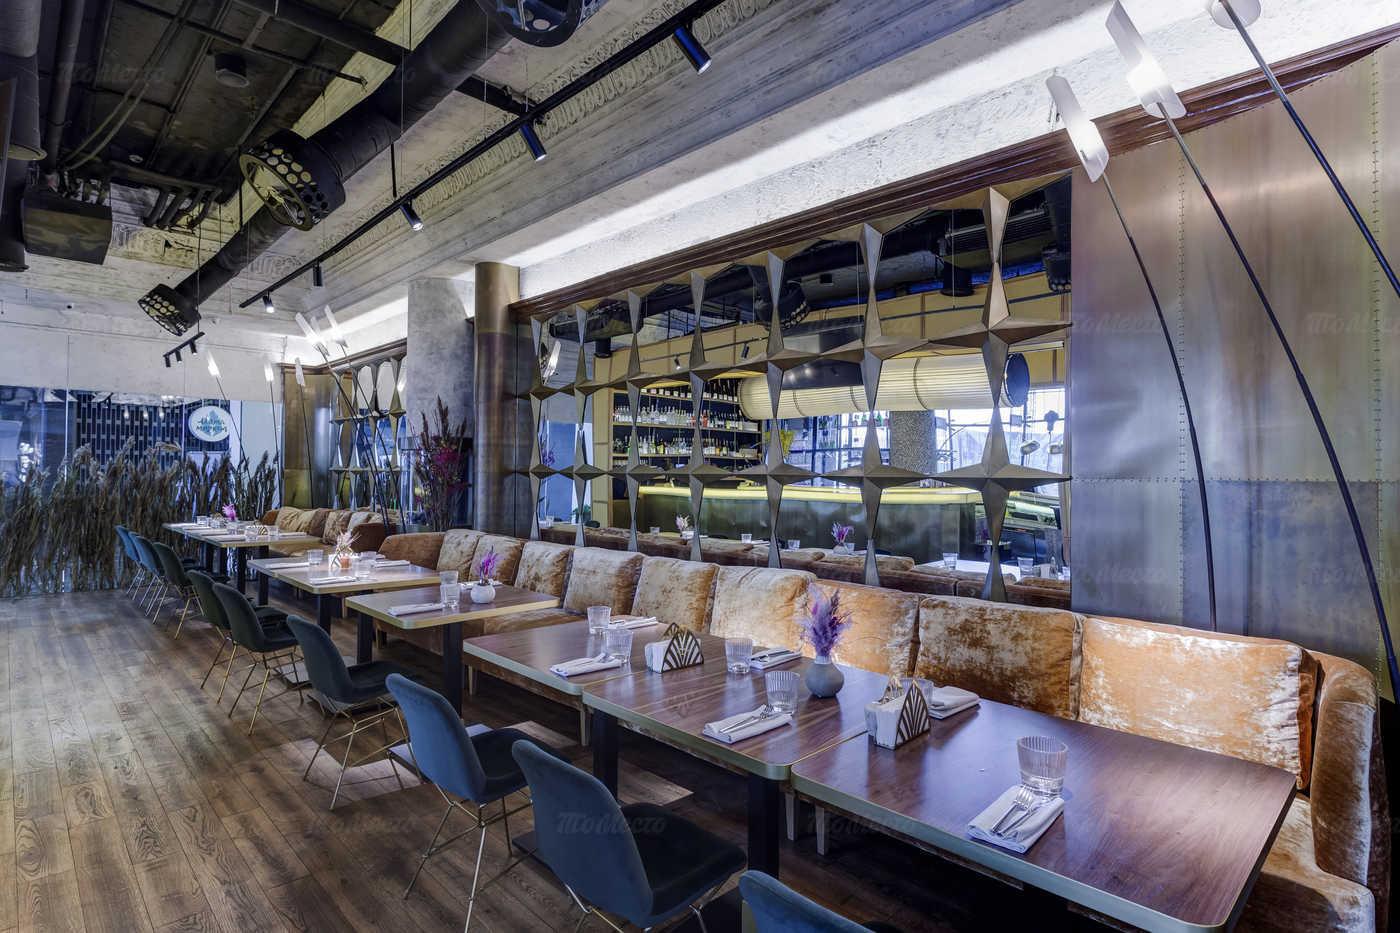 Ресторан Гранд Урюк Berezka (бывш. Березка City) На Пресненской набережной фото 4